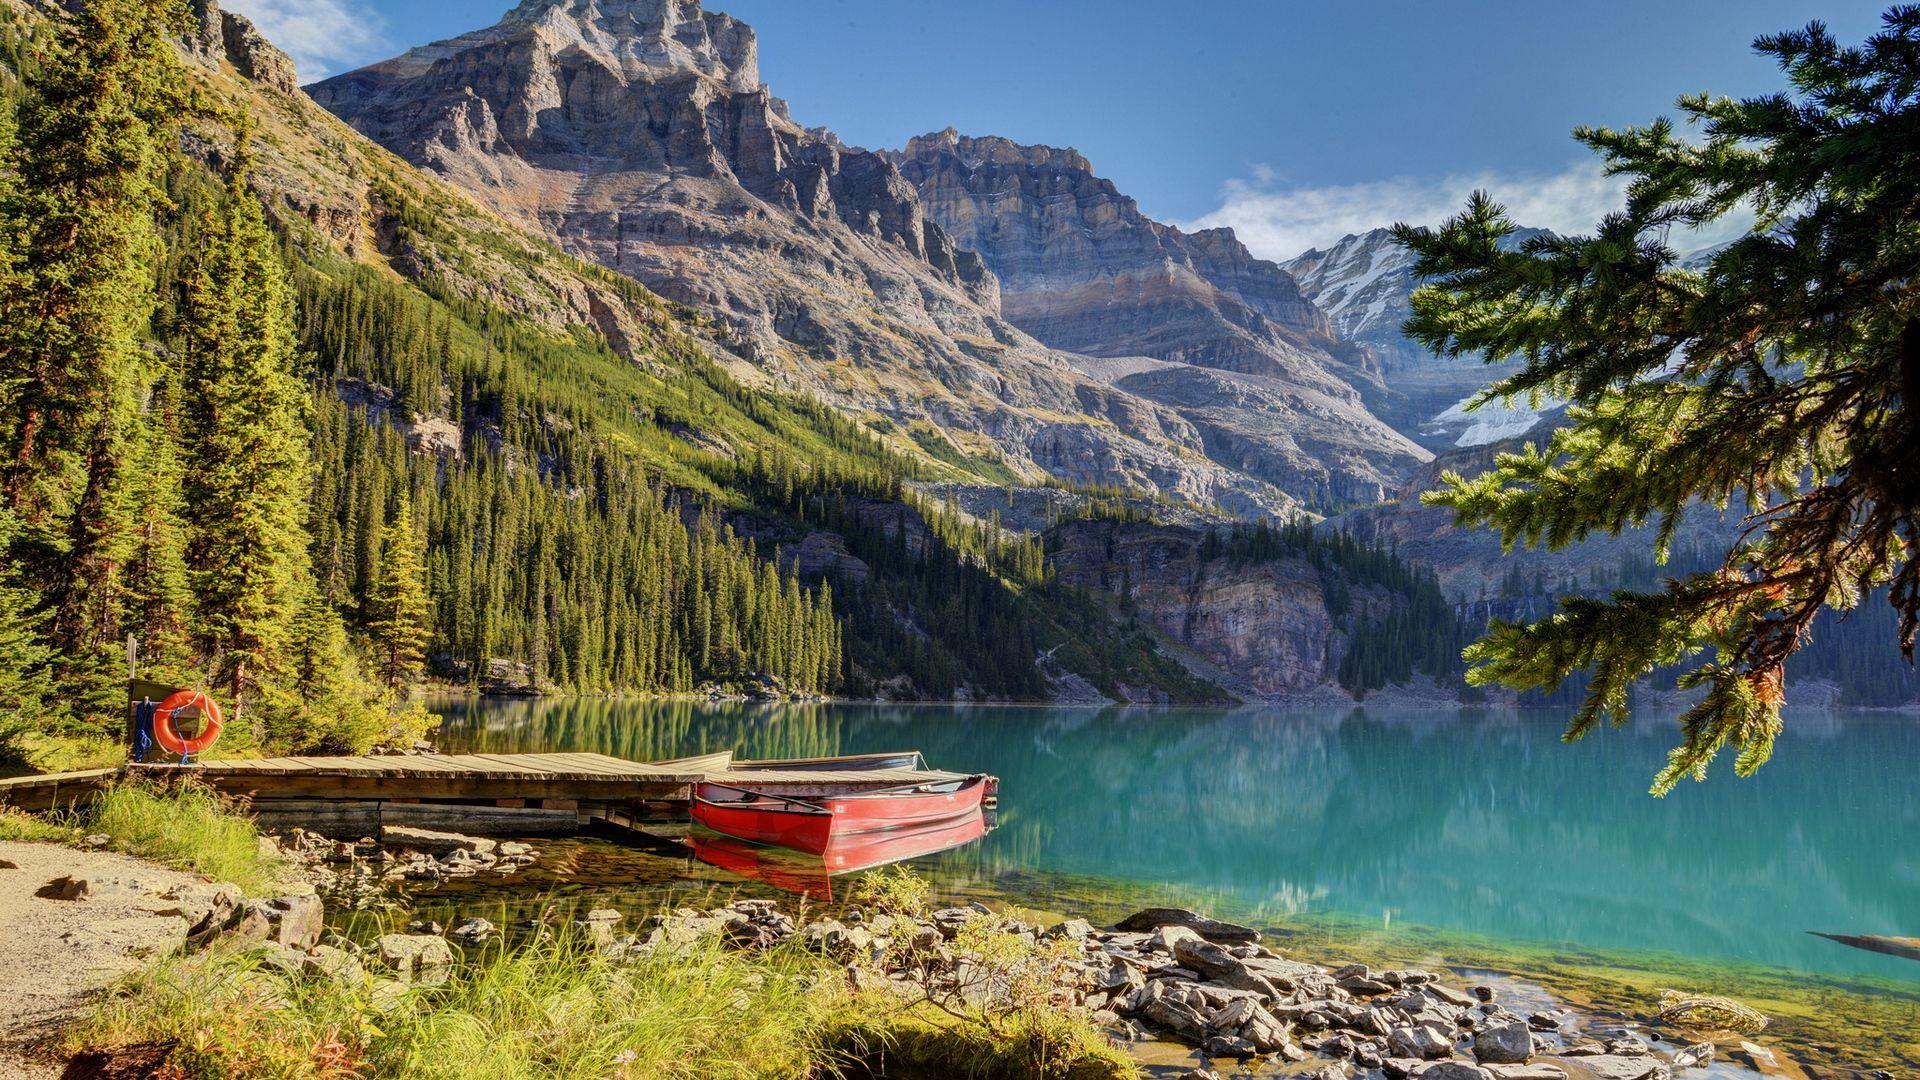 89521 fond d'écran 1125x2436 sur votre téléphone gratuitement, téléchargez des images Beau Paysage, Nature, Montagnes, Lac, Un Bateau, Bateau 1125x2436 sur votre mobile